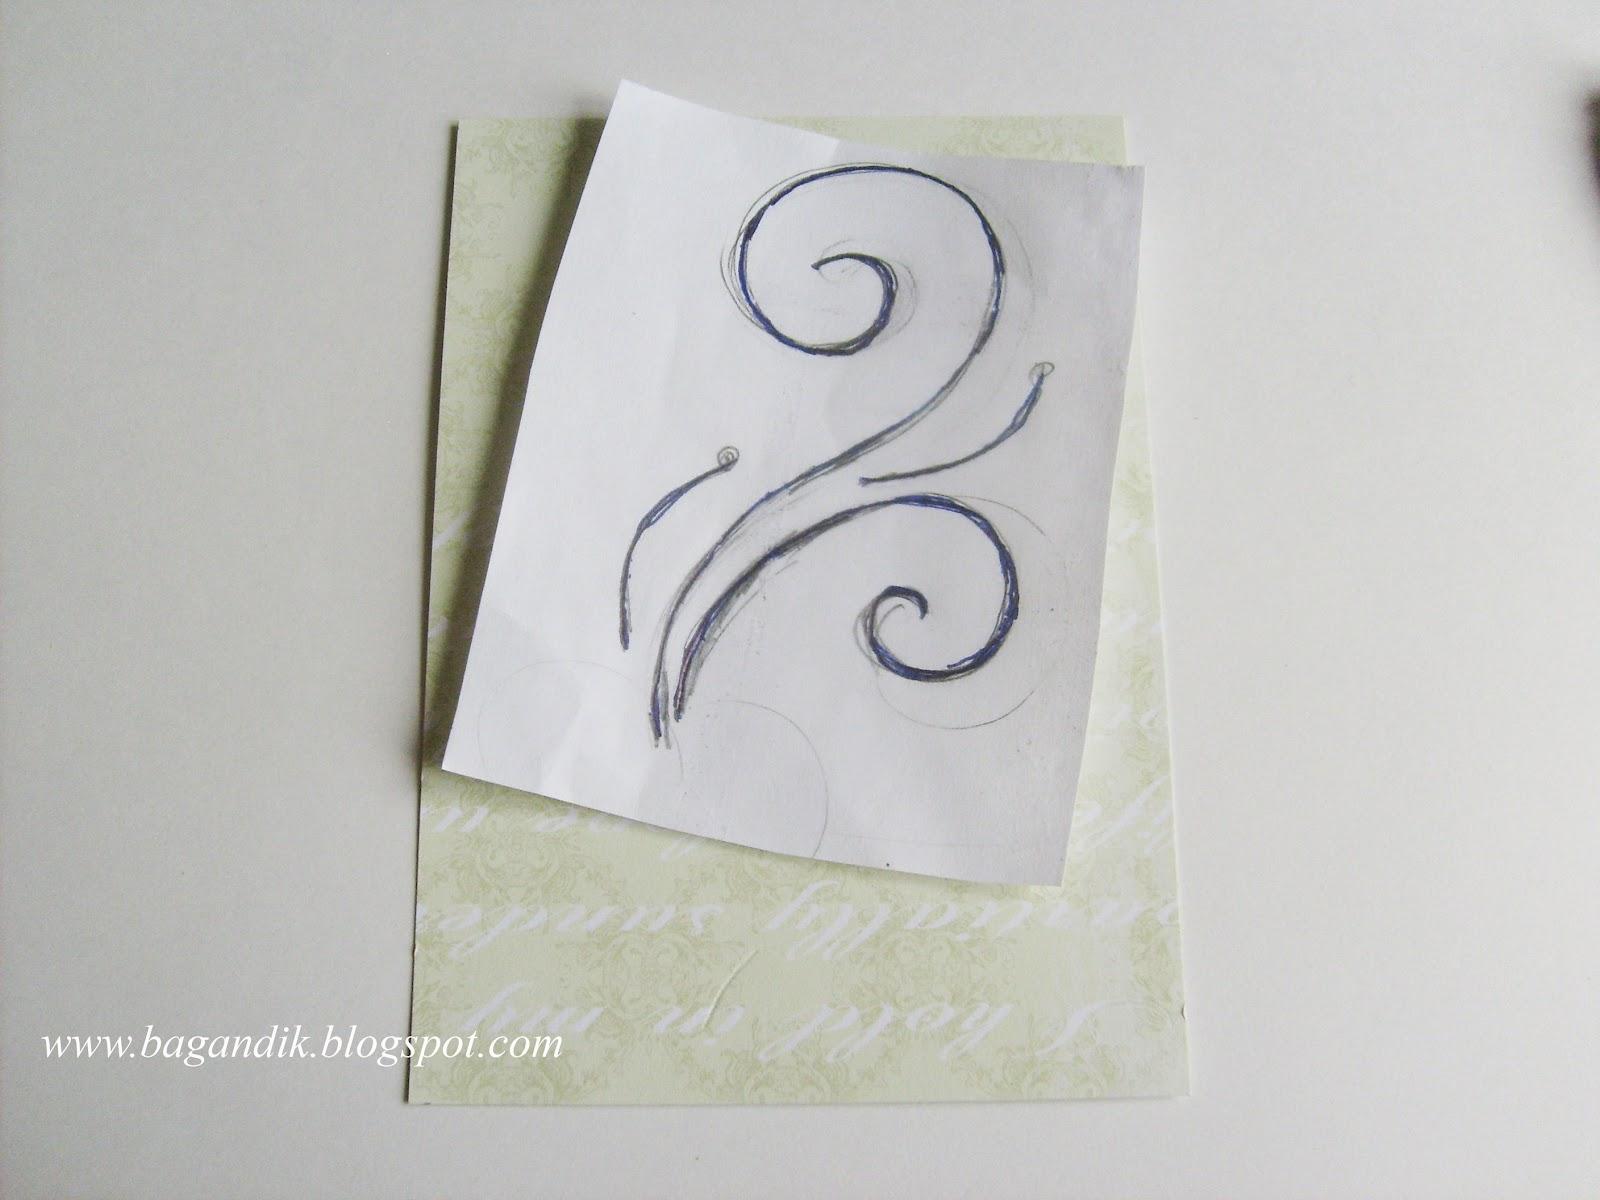 Вышивка из бисера на бумаге